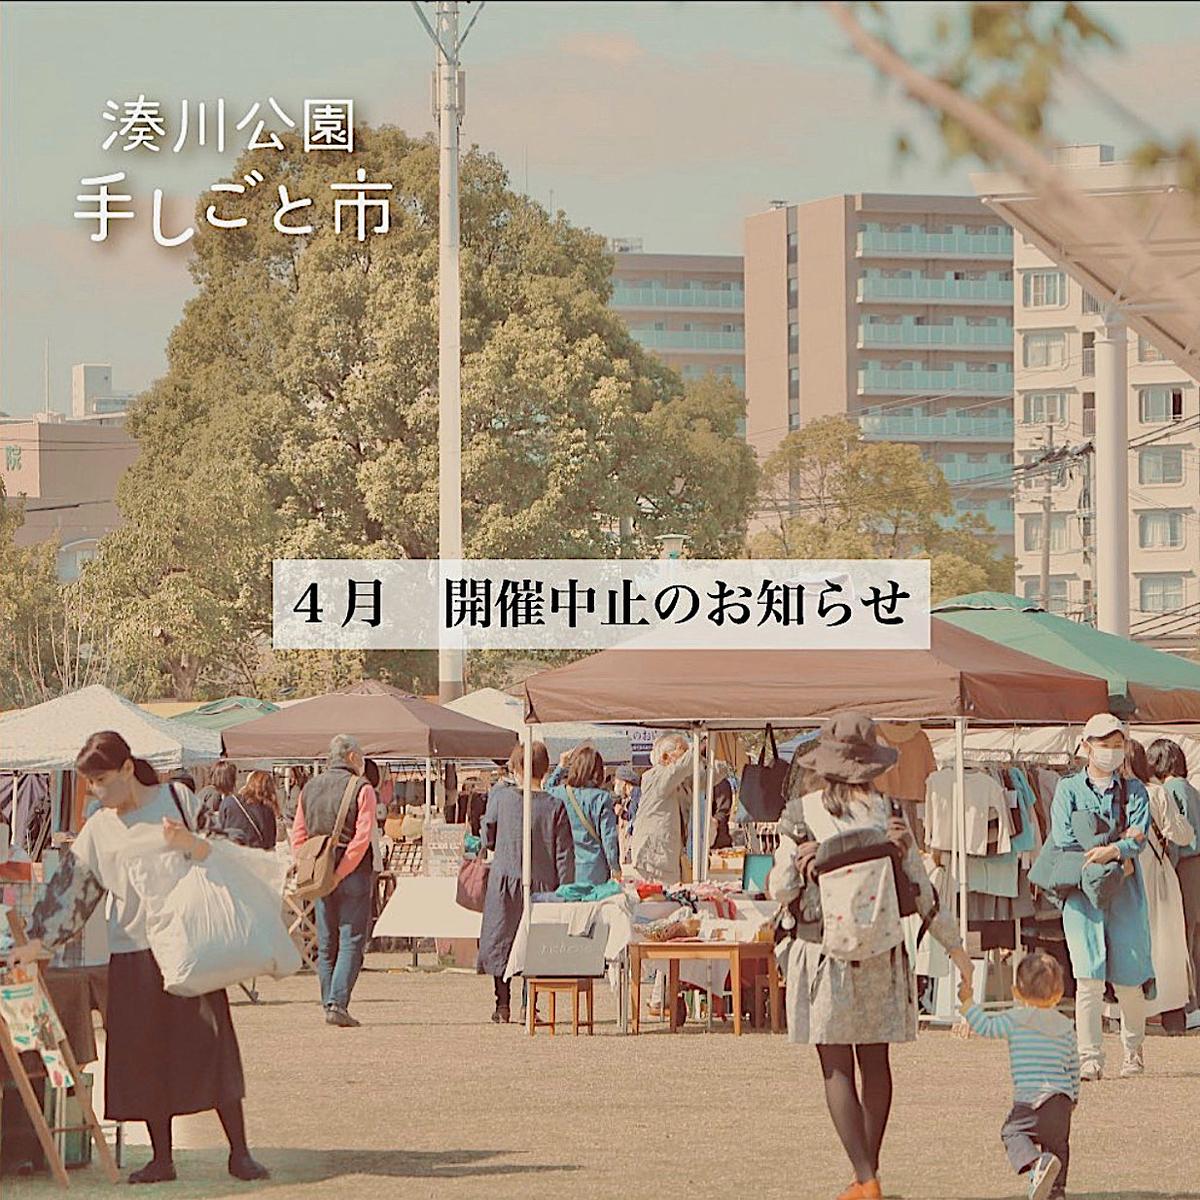 f:id:jyurakusha:20210423190712j:plain